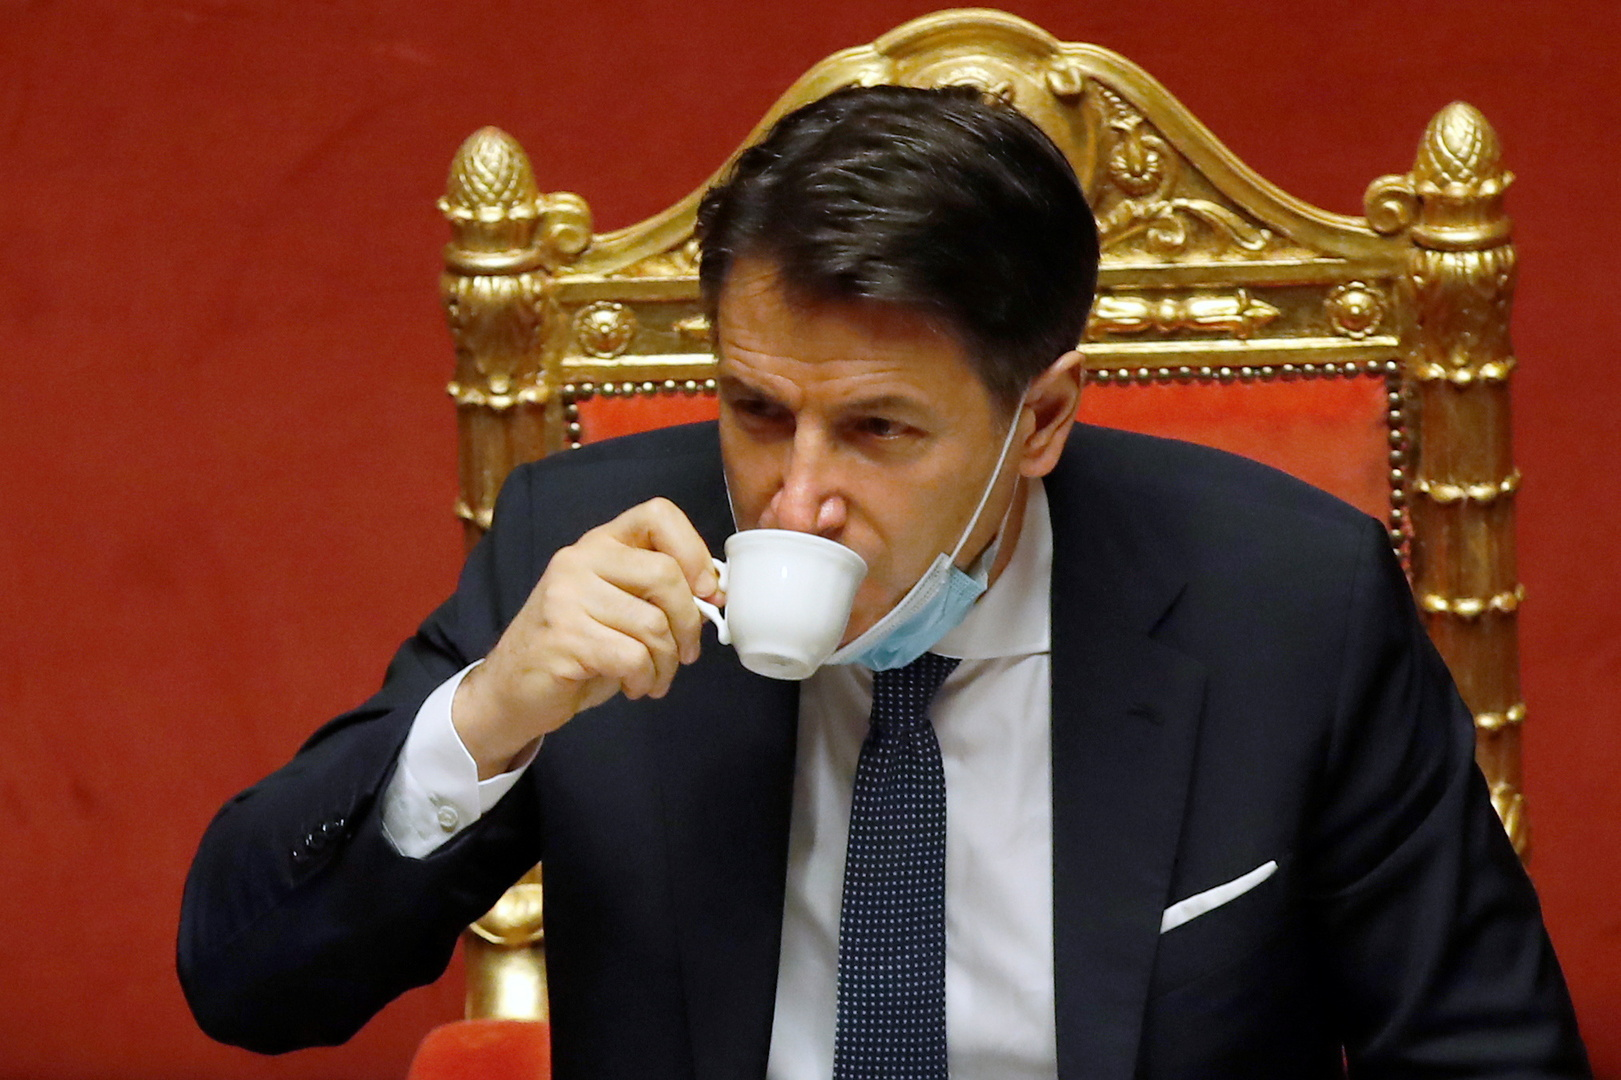 رئيس الوزراء الإيطالي السابق، جوزيبي كونتي